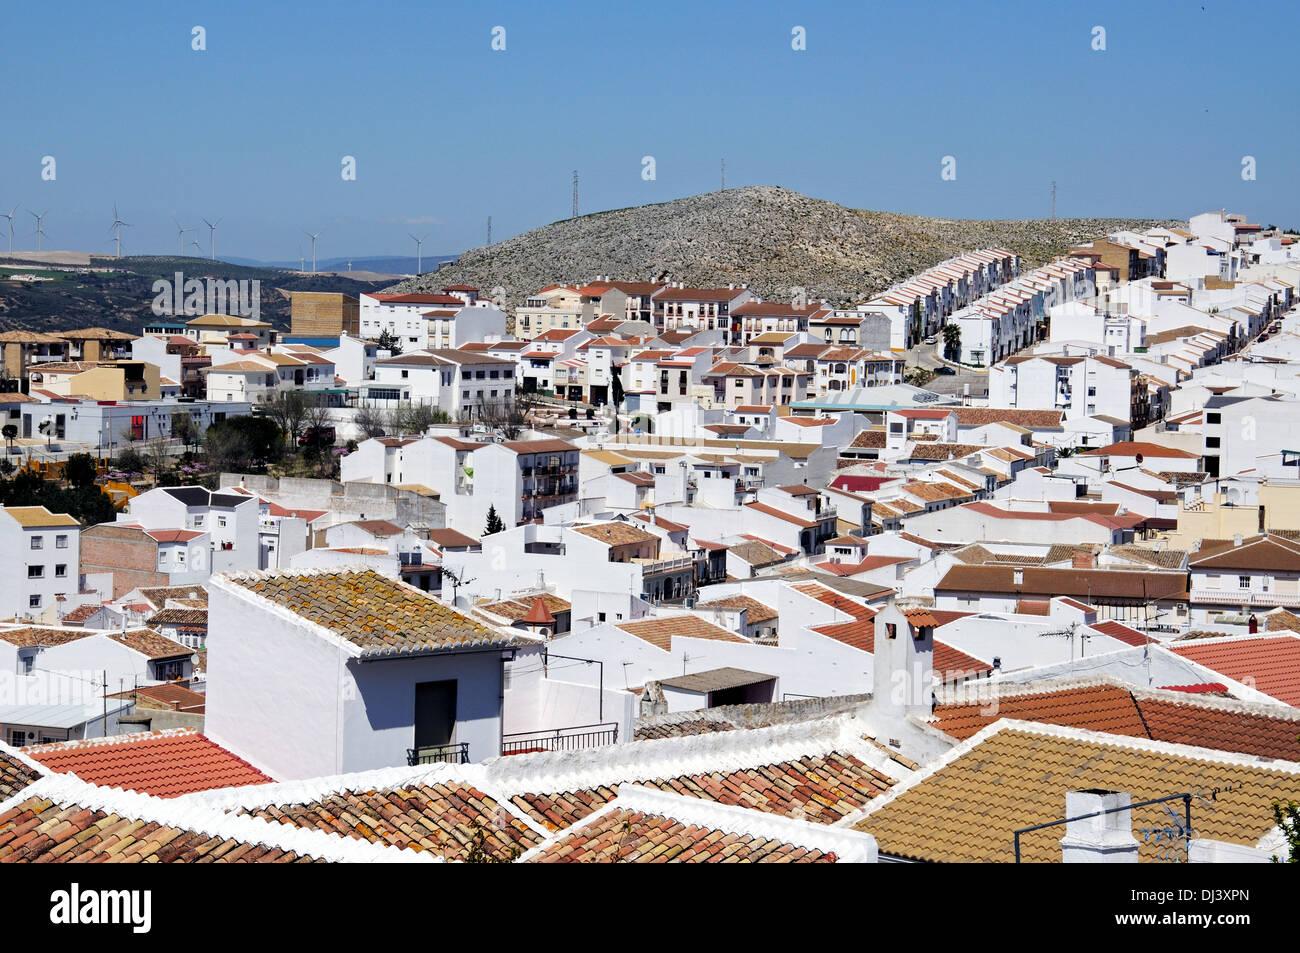 Vista sopra i tetti di villaggio, Teba, provincia di Malaga, Andalusia, Spagna, Europa occidentale. Immagini Stock